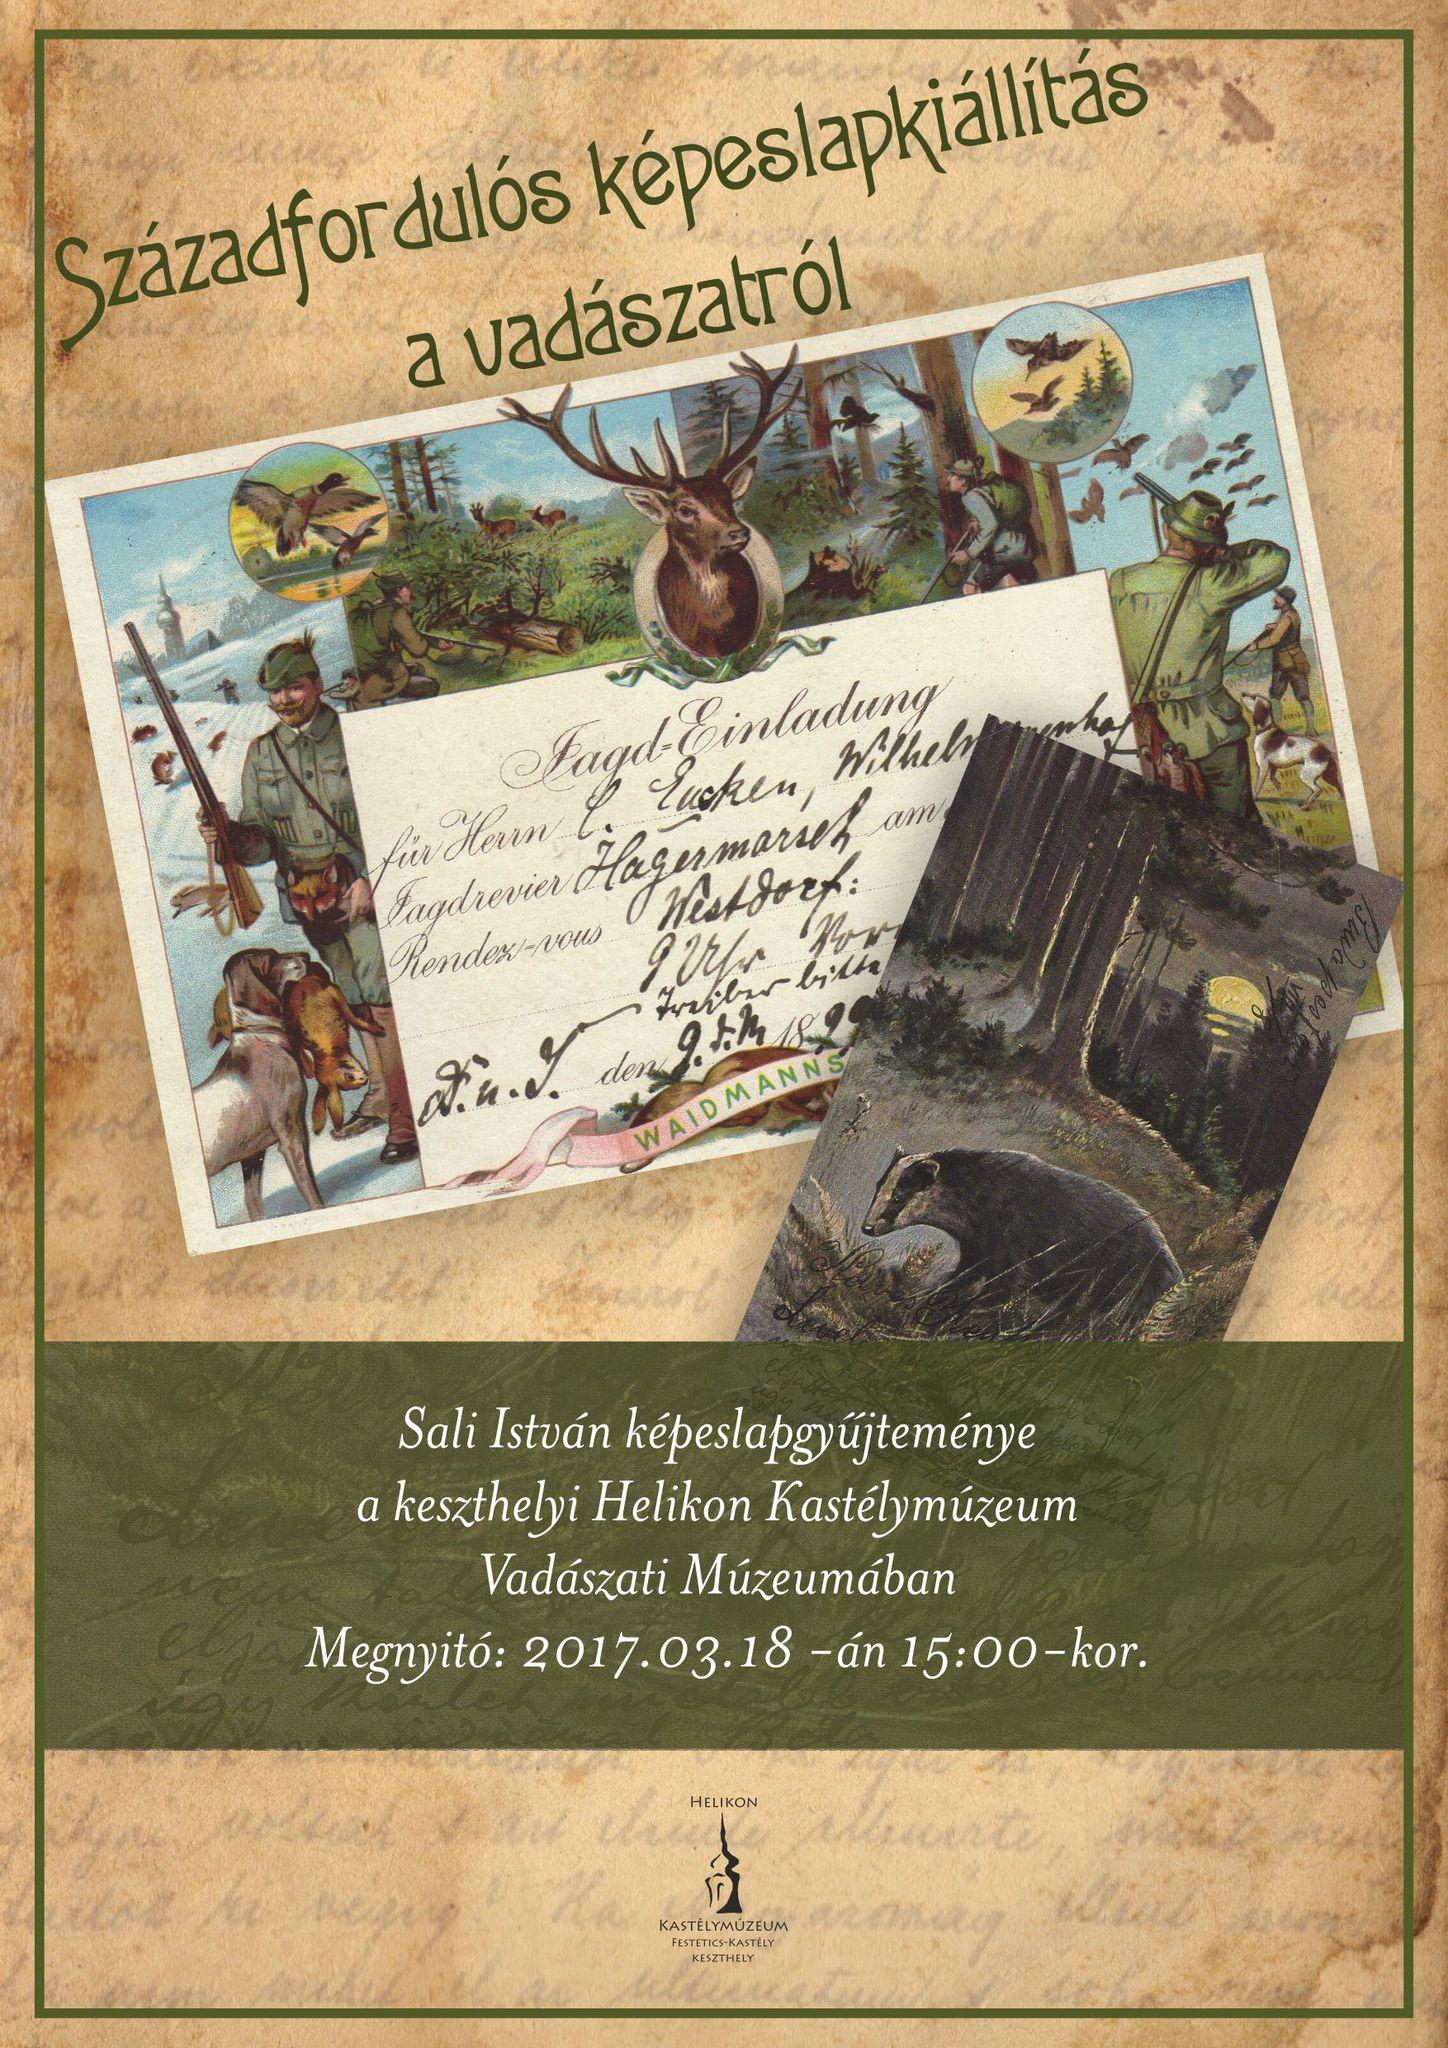 Vadászati témájú képeslapkiállítás Keszthelyen